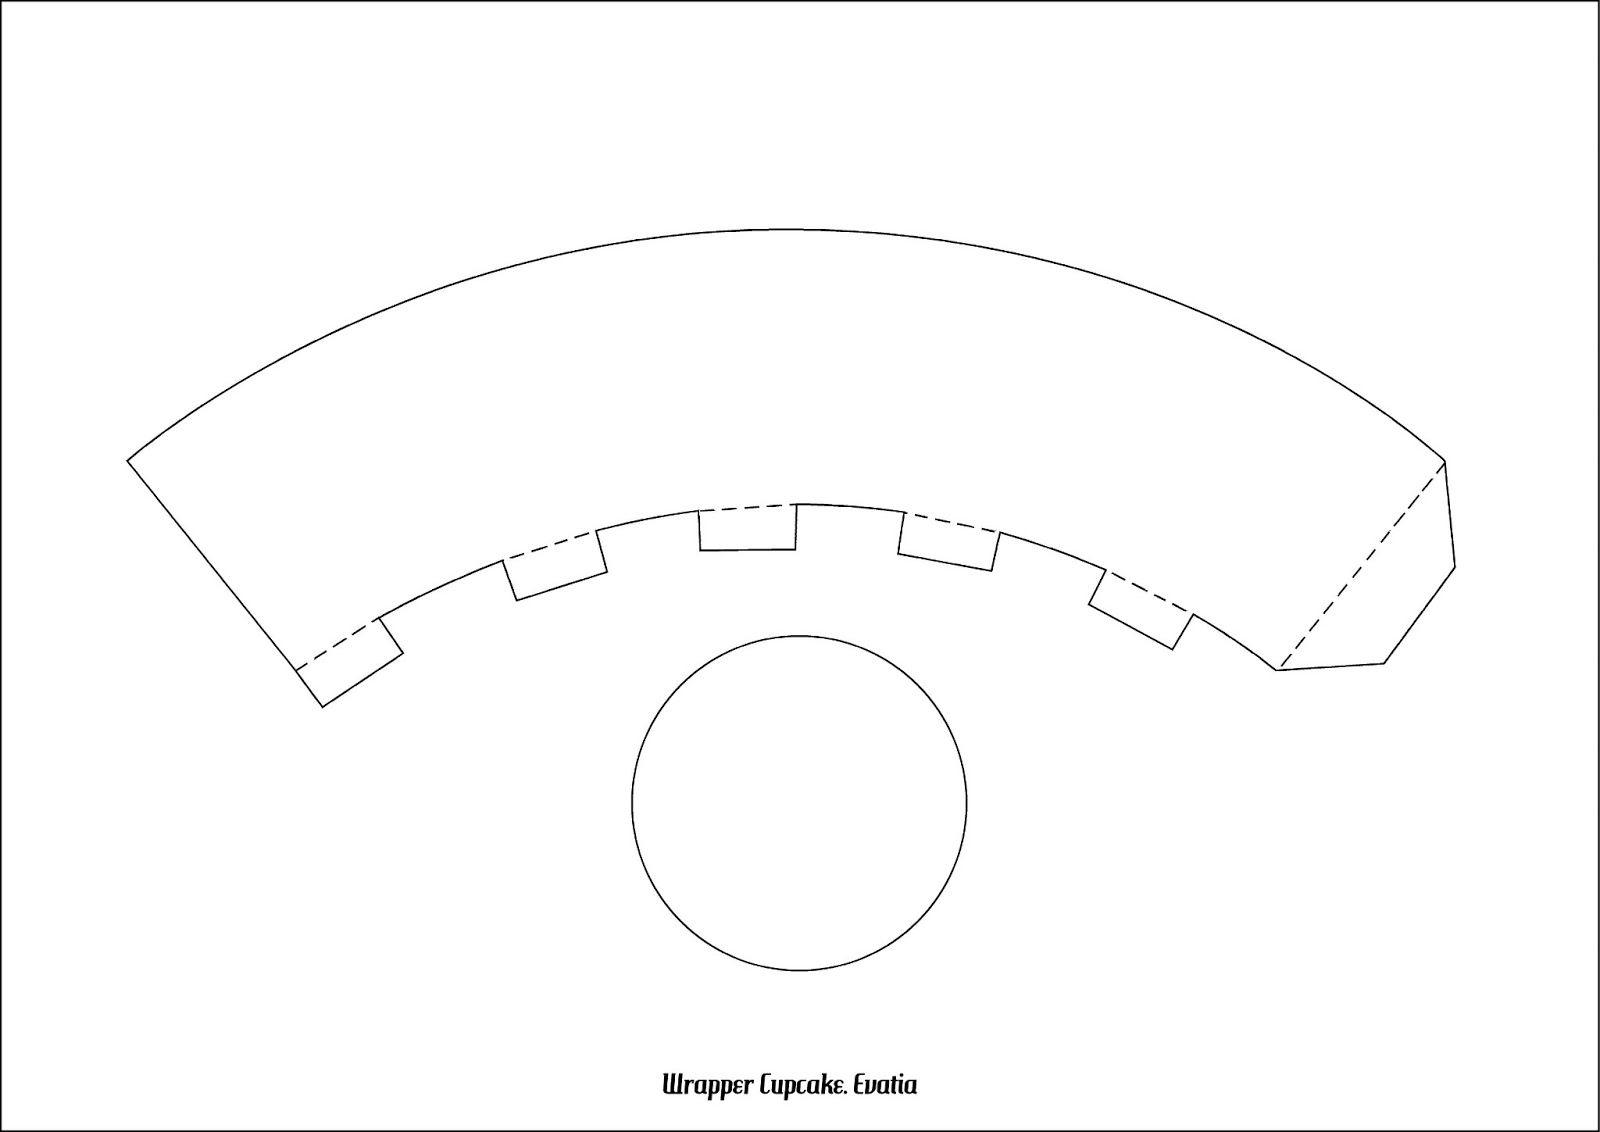 Plantilla para wrappers de cupcakes - Imagui | Papeles y plantillas ...